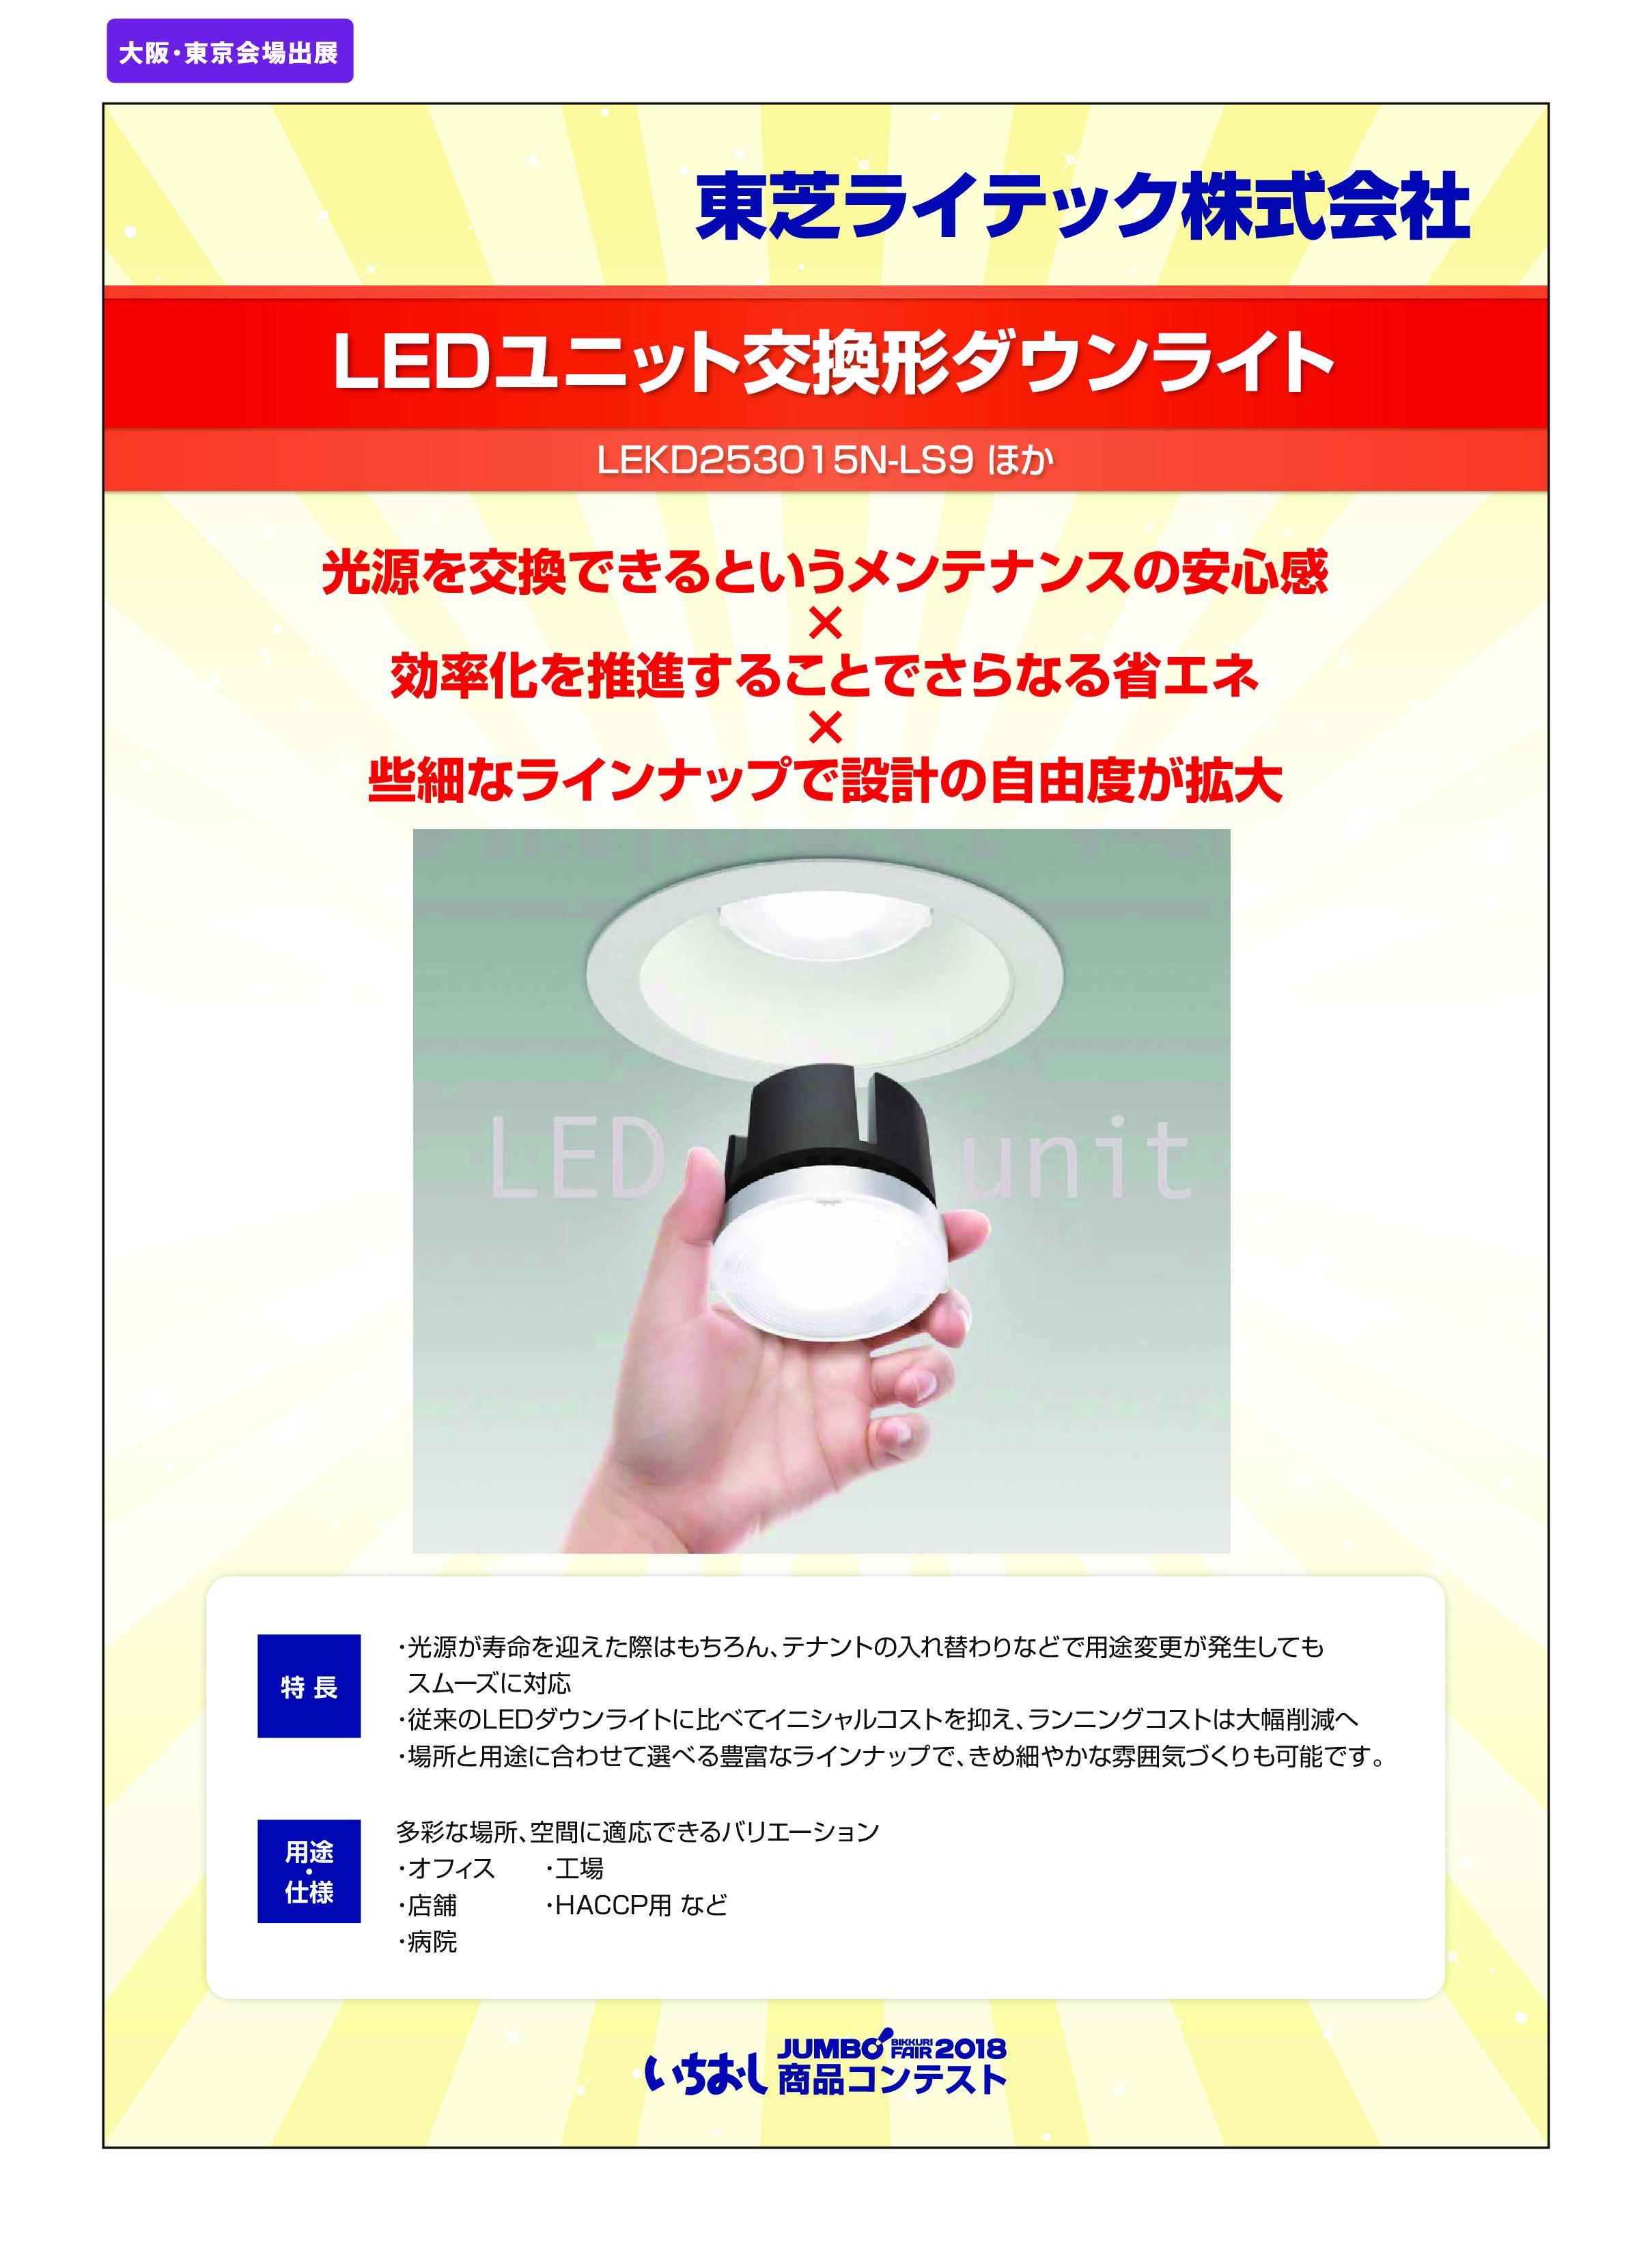 「LEDユニット交換形ダウンライト」東芝ライテック株式会社の画像